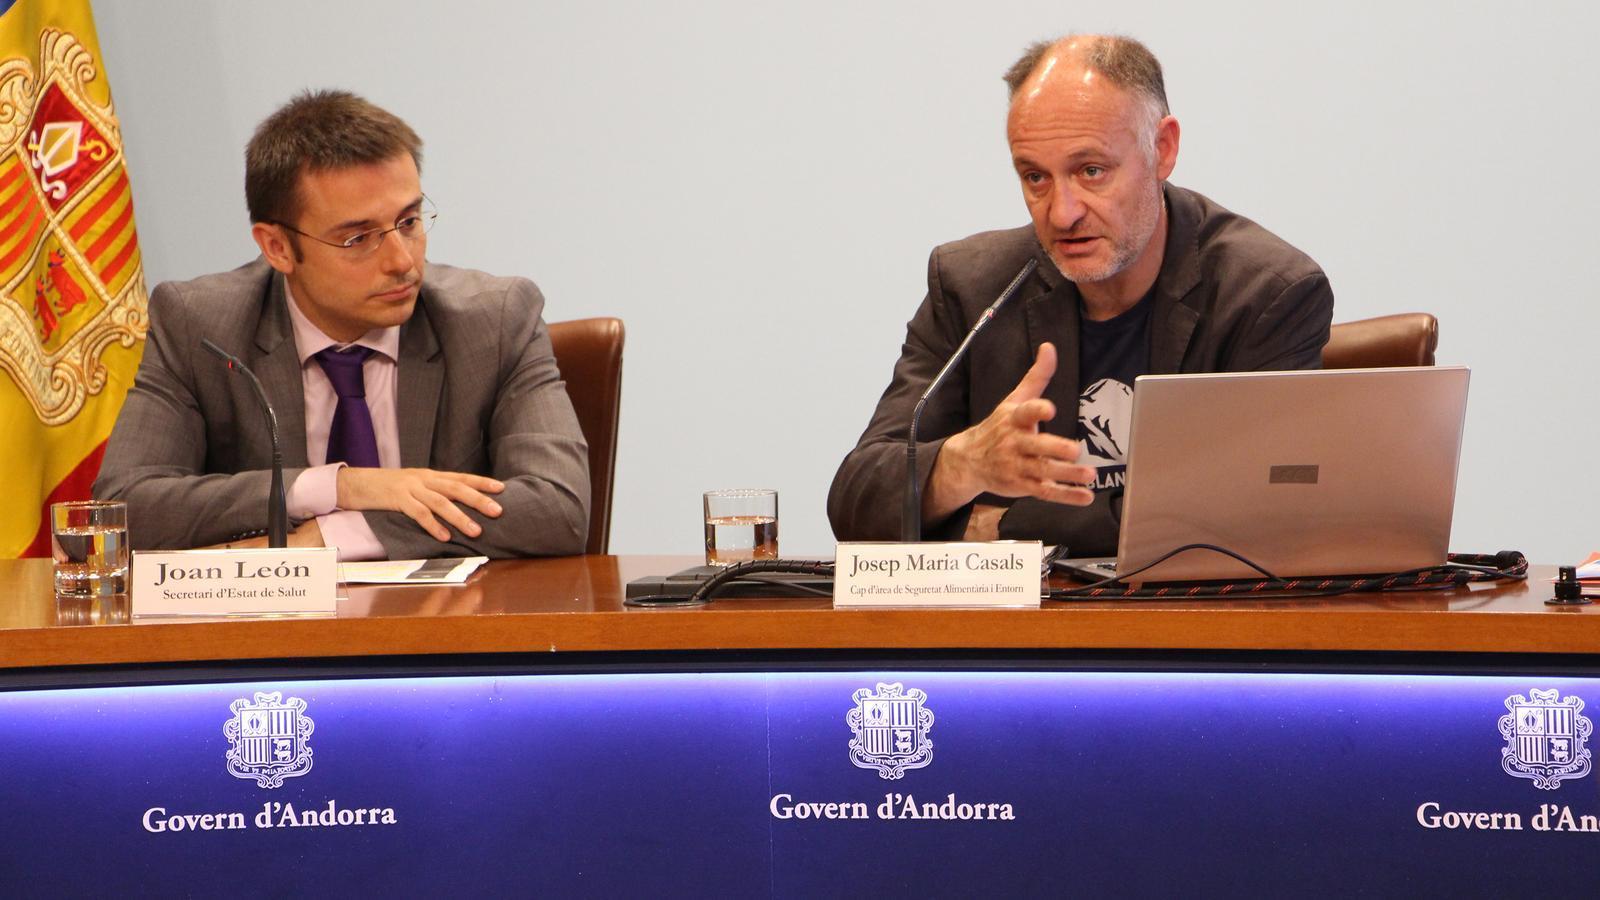 El secretari d'Estat de Salut, Joan León, i el cap d'àrea de Seguretat Alimentària i Entorn, Josep Maria Casals, presenten la memòria de Seguretat Alimentària del 2017. / C.G. (ANA)